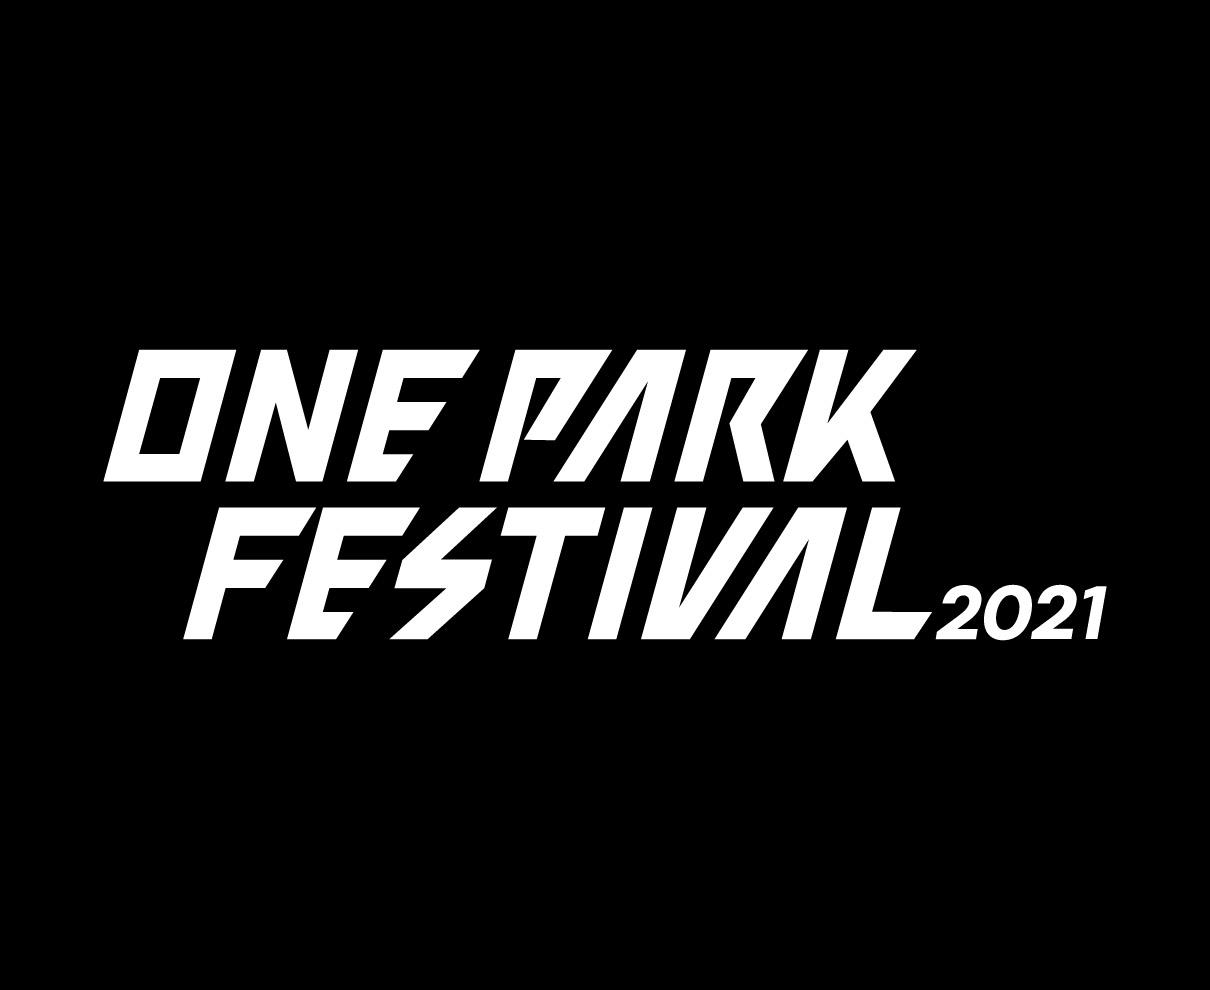 都市型音楽フェス『ONE PARK FESTIVAL 2021』第1弾出演アーティスト発表!